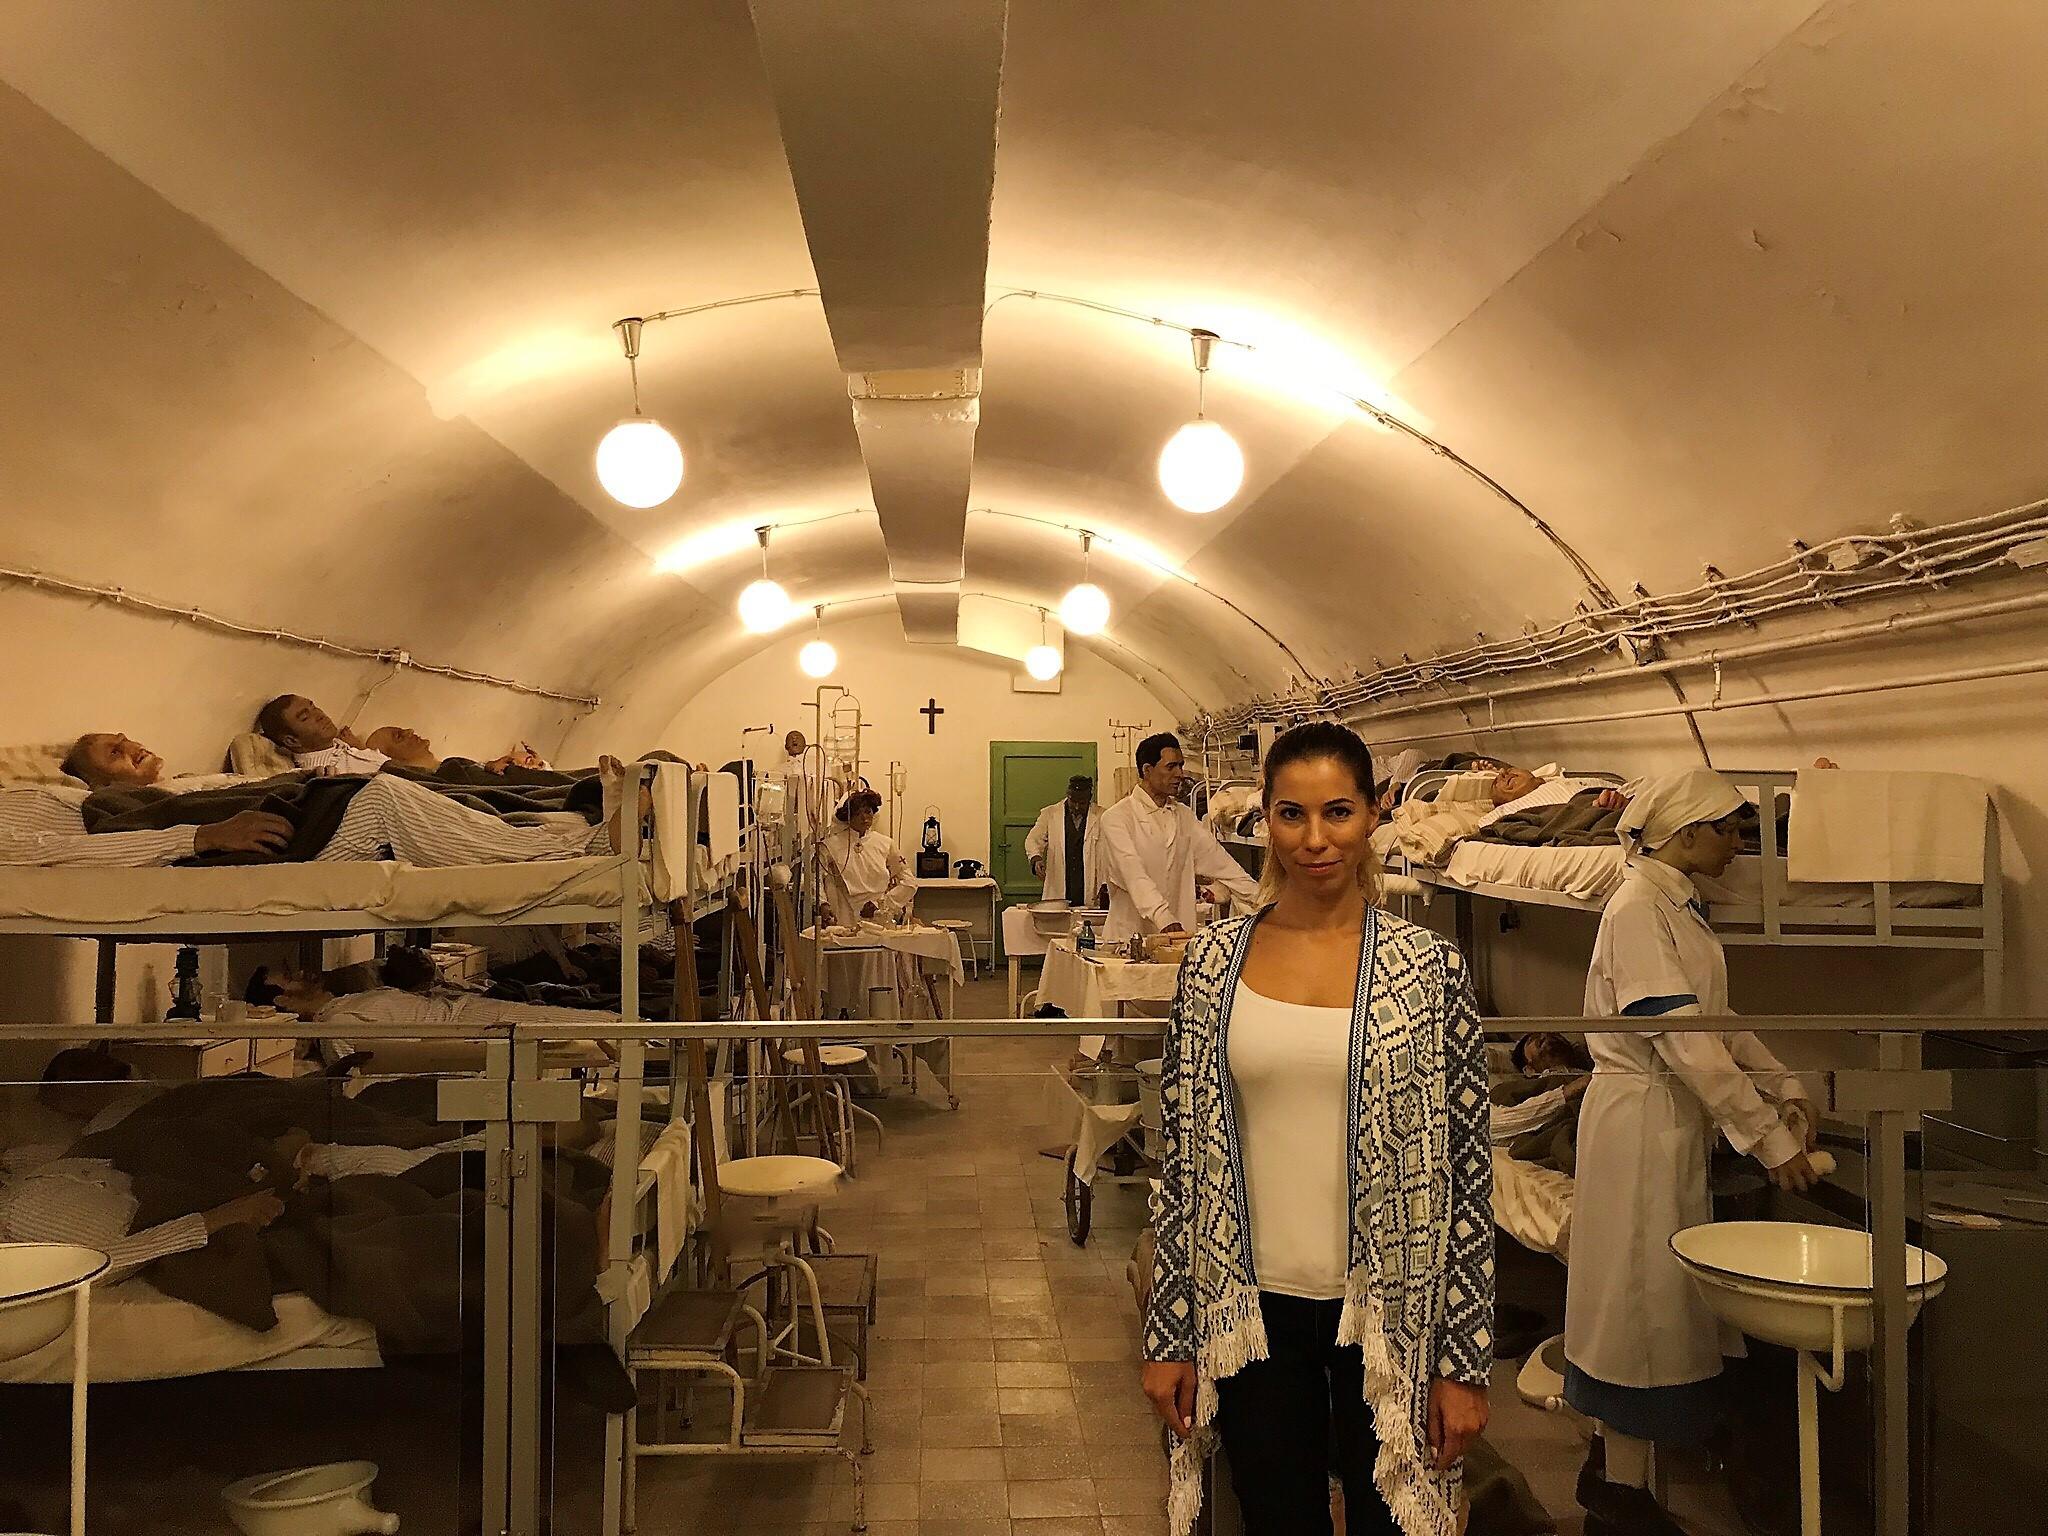 Eredetileg 60 fősre tervezték a kórház kapacitását, amelyet később megdupláztak. A háború idején a kórházban és a barlangrendszer környező termeiben csaknem csaknem 700 sebesültet láttak el megfeszített, emberfeletti munkával az orvosok és nővérek. Nemcsak magyar katonákat, hanem németeket is.